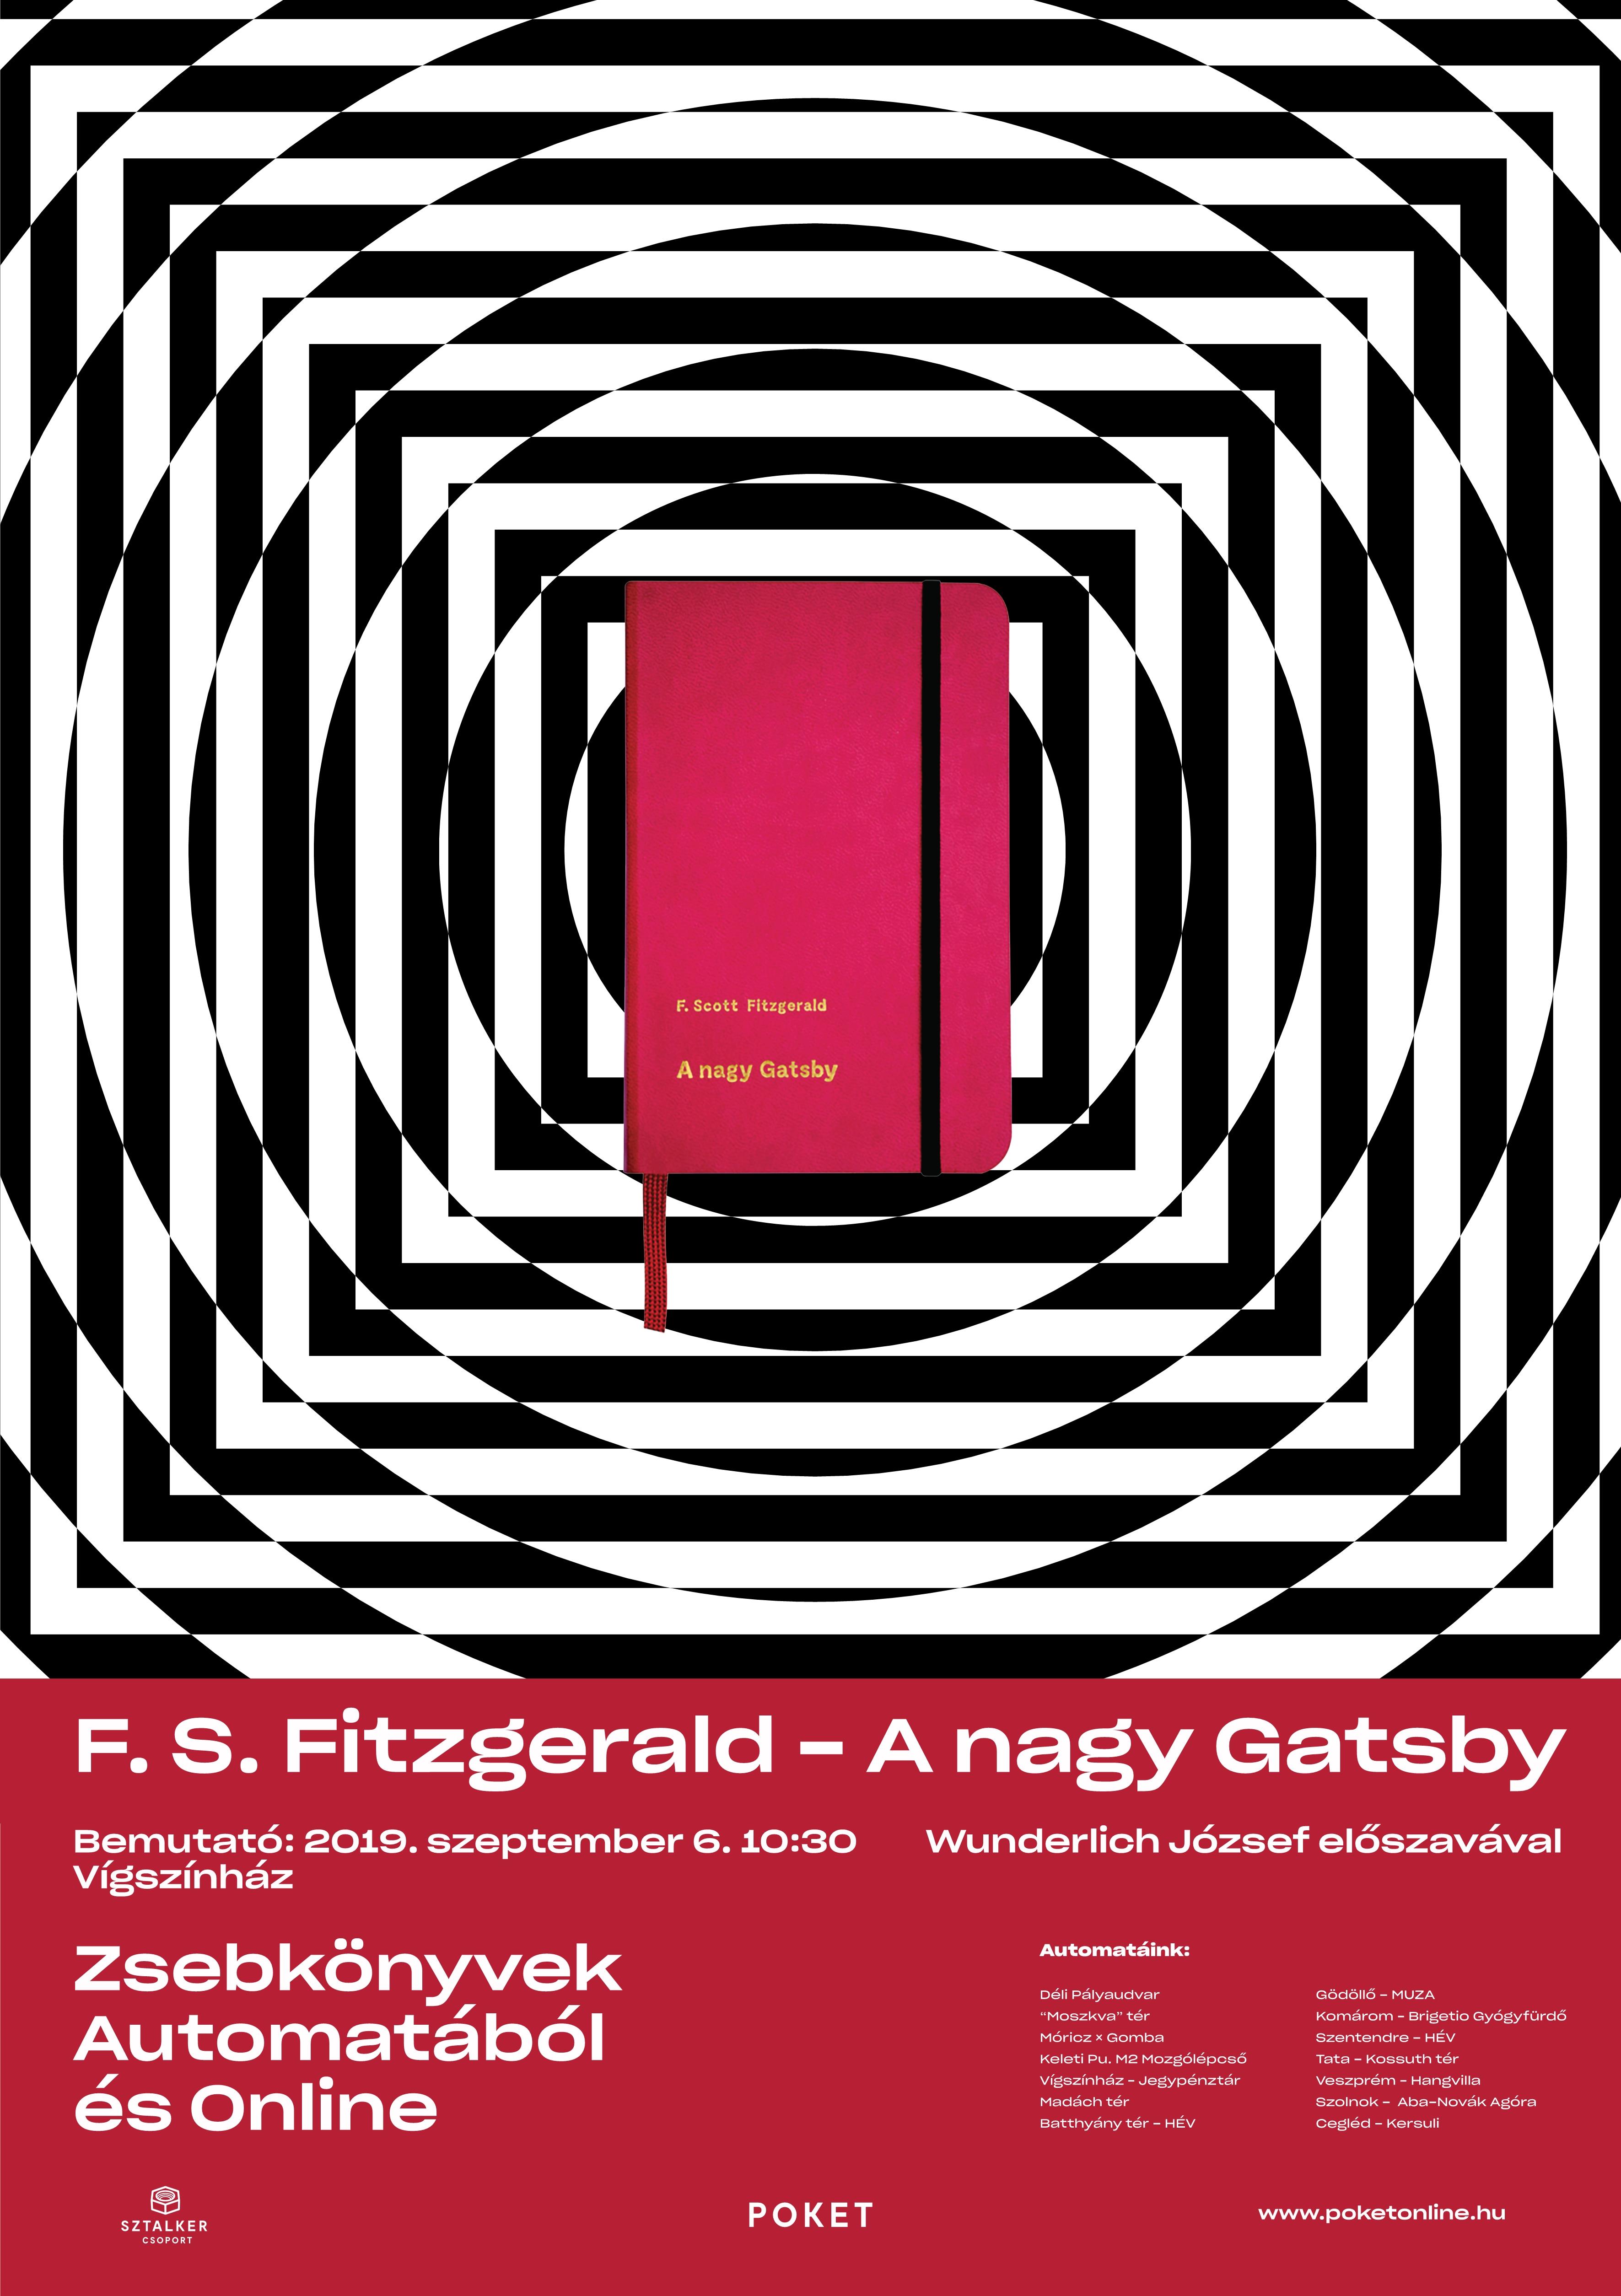 21. F. S. Fitzgerald - A nagy Gatsby - Premier előtt!